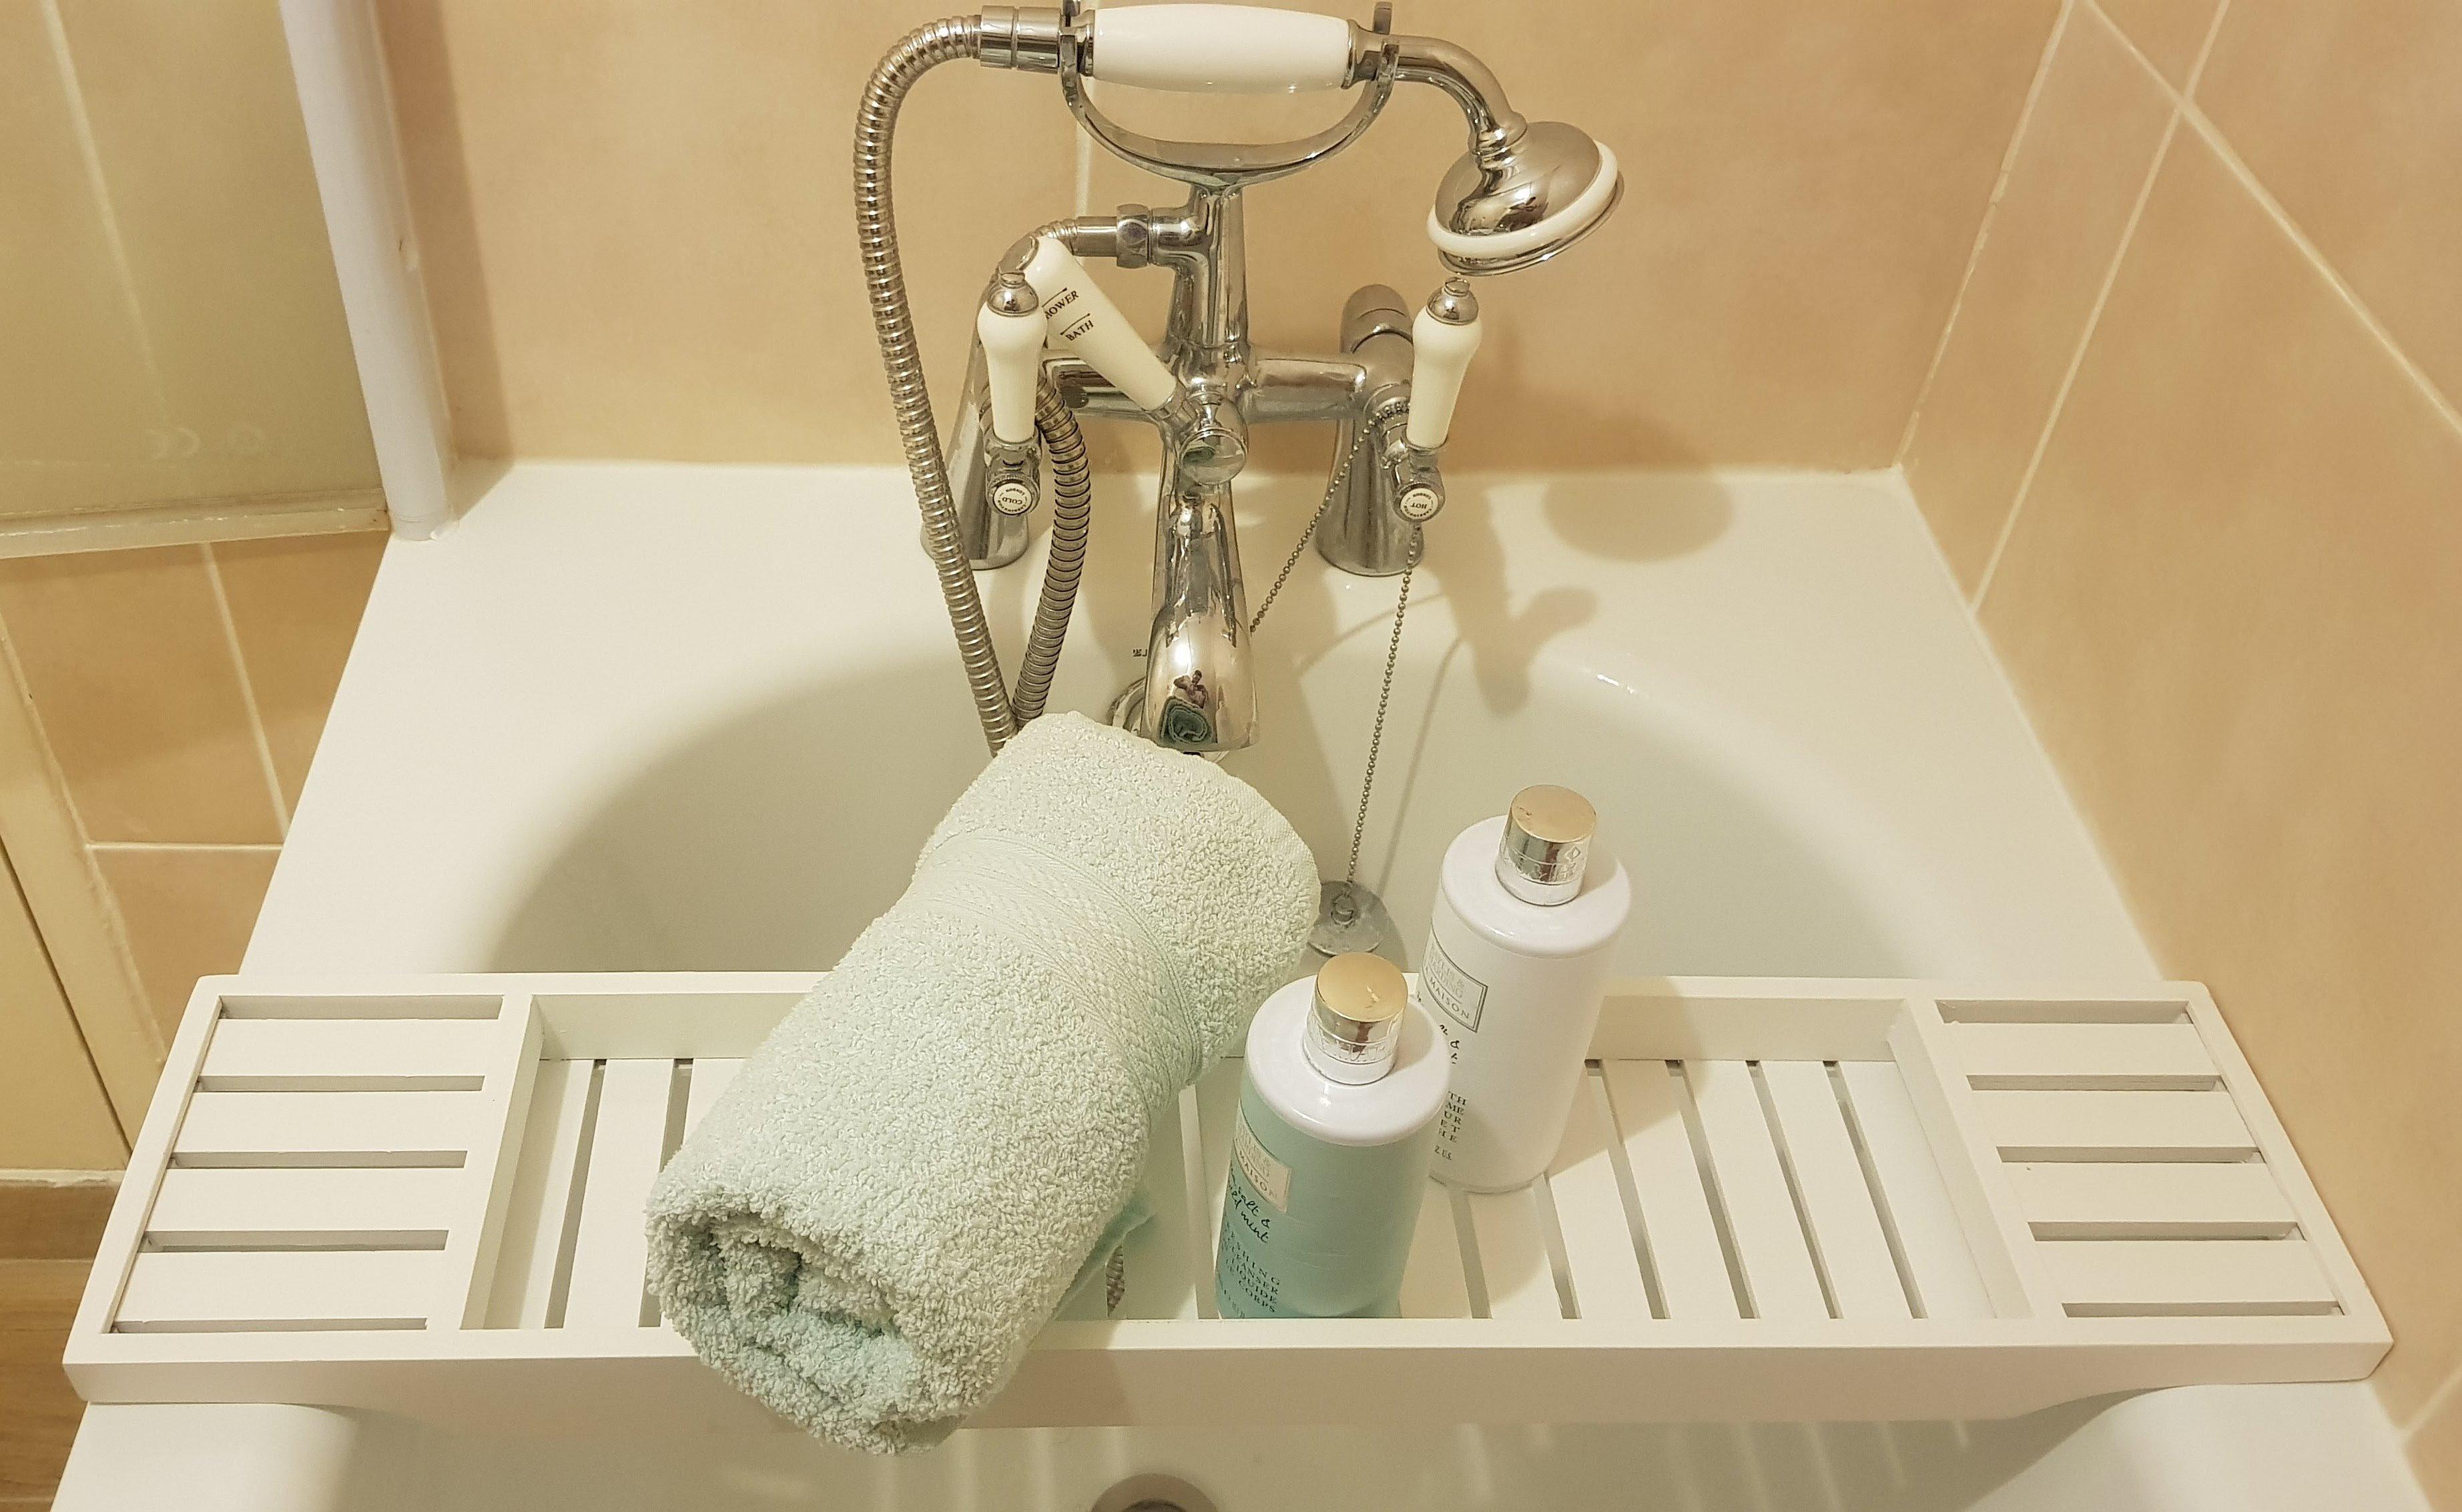 Solid Pine Wood White BathTub Rack Bridge Bath Caddy Wooden Bathroom ...